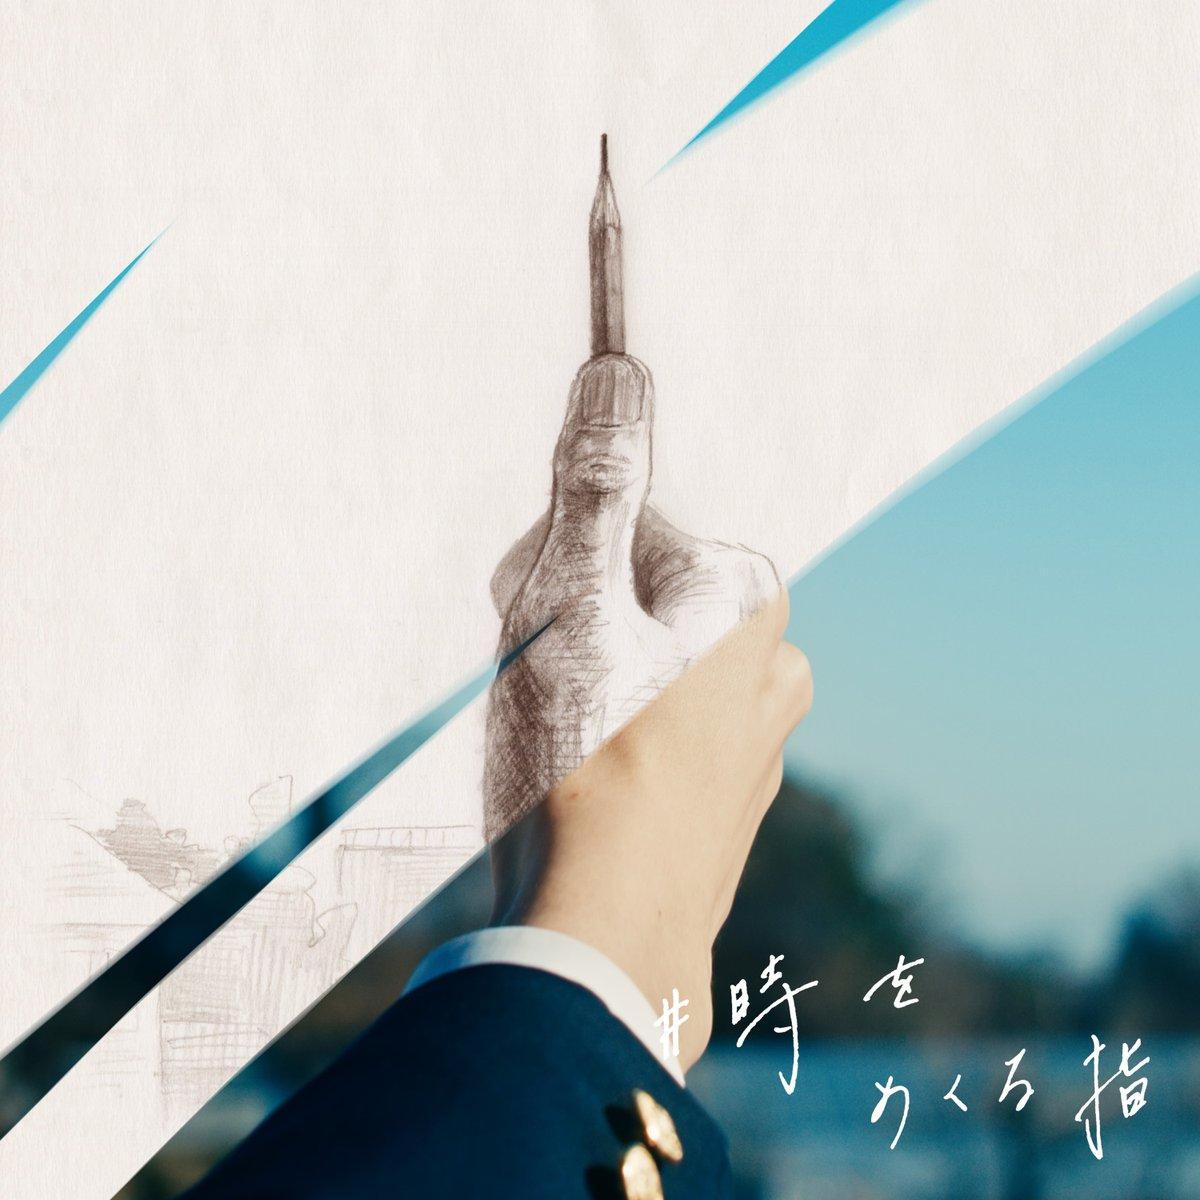 下村陽子 × suis による、ゆうちょPayオリジナルイメージソング「#時をめくる指」が明日4/10(金)より各音楽配信サイト、サブスクリプションサービスにて配信開始致します。宜しくお願い致します!※上記リンクは4/10(金)より有効となります。